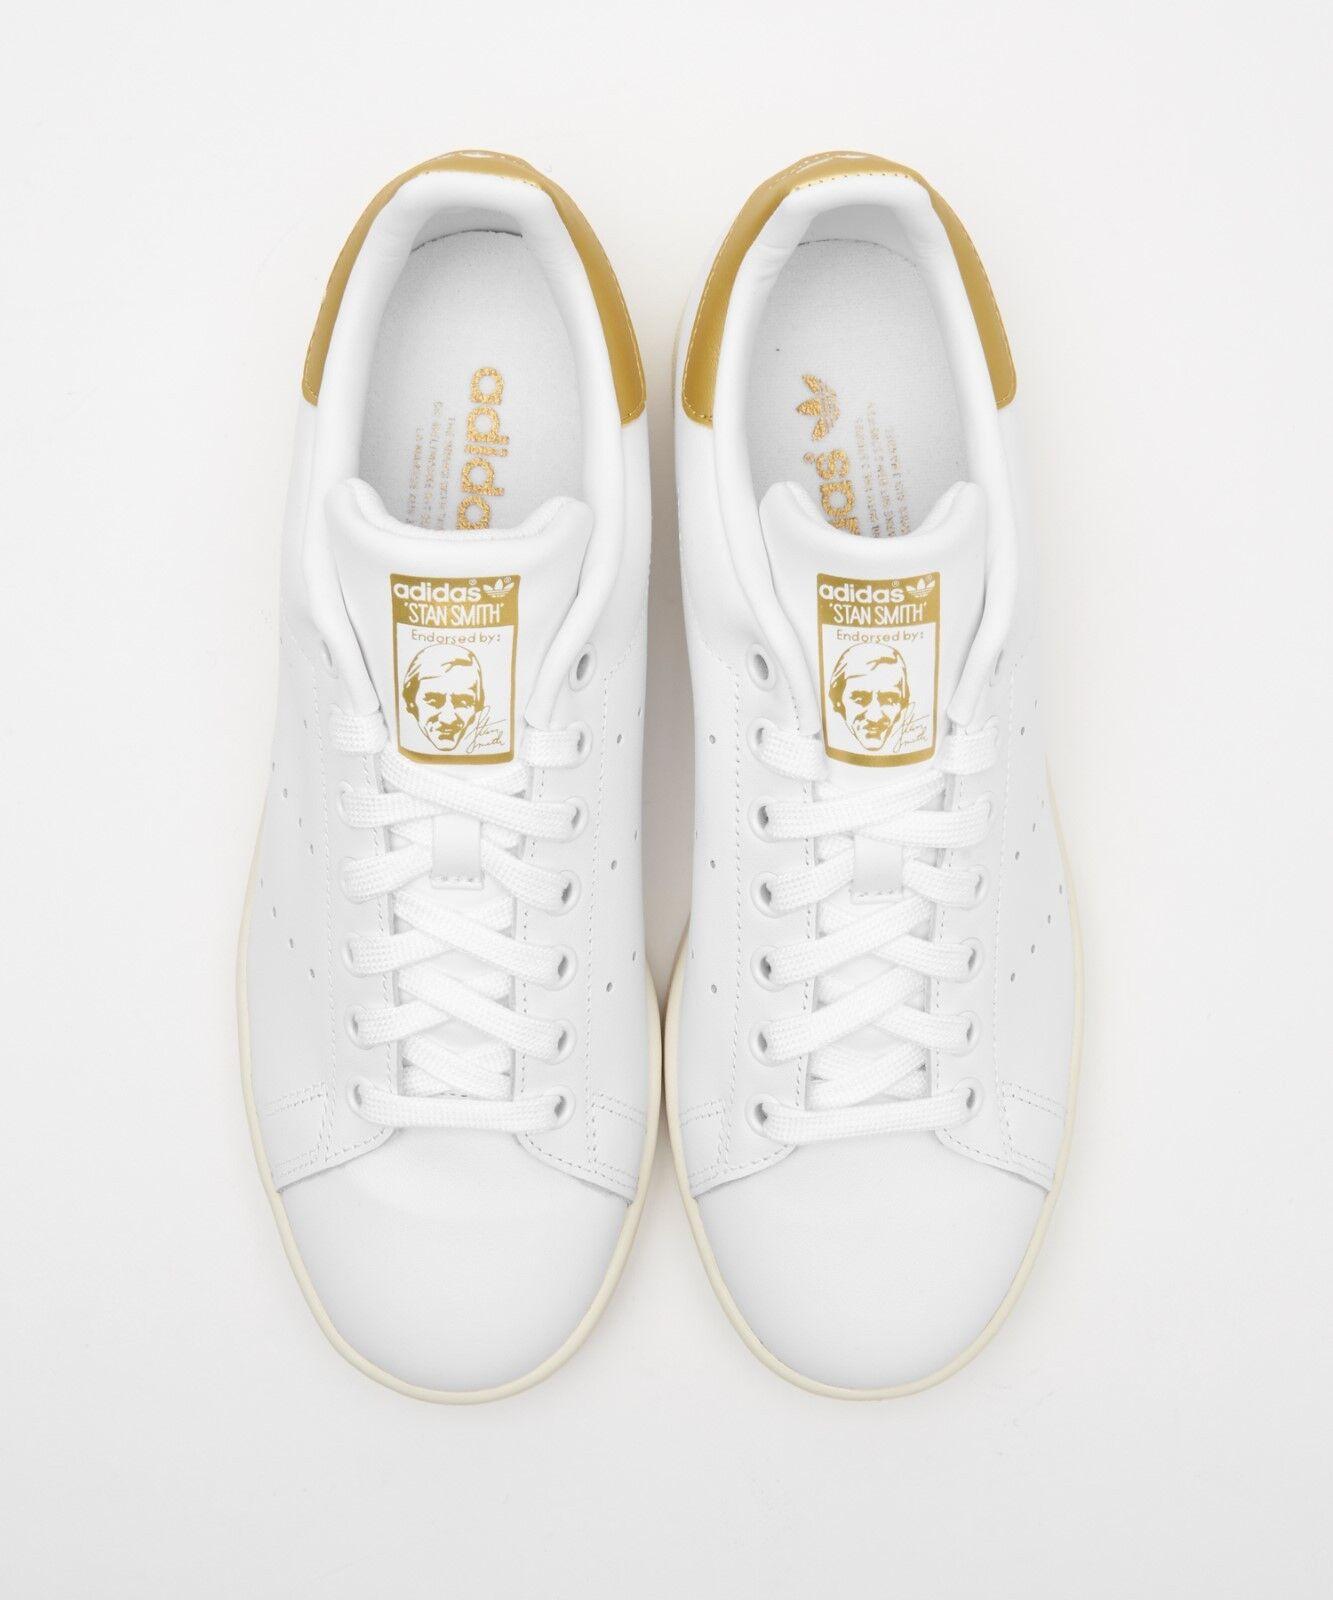 Adidas stansmith Zapatos blancoo Dorado AQ0439 EE. UU. para hombre